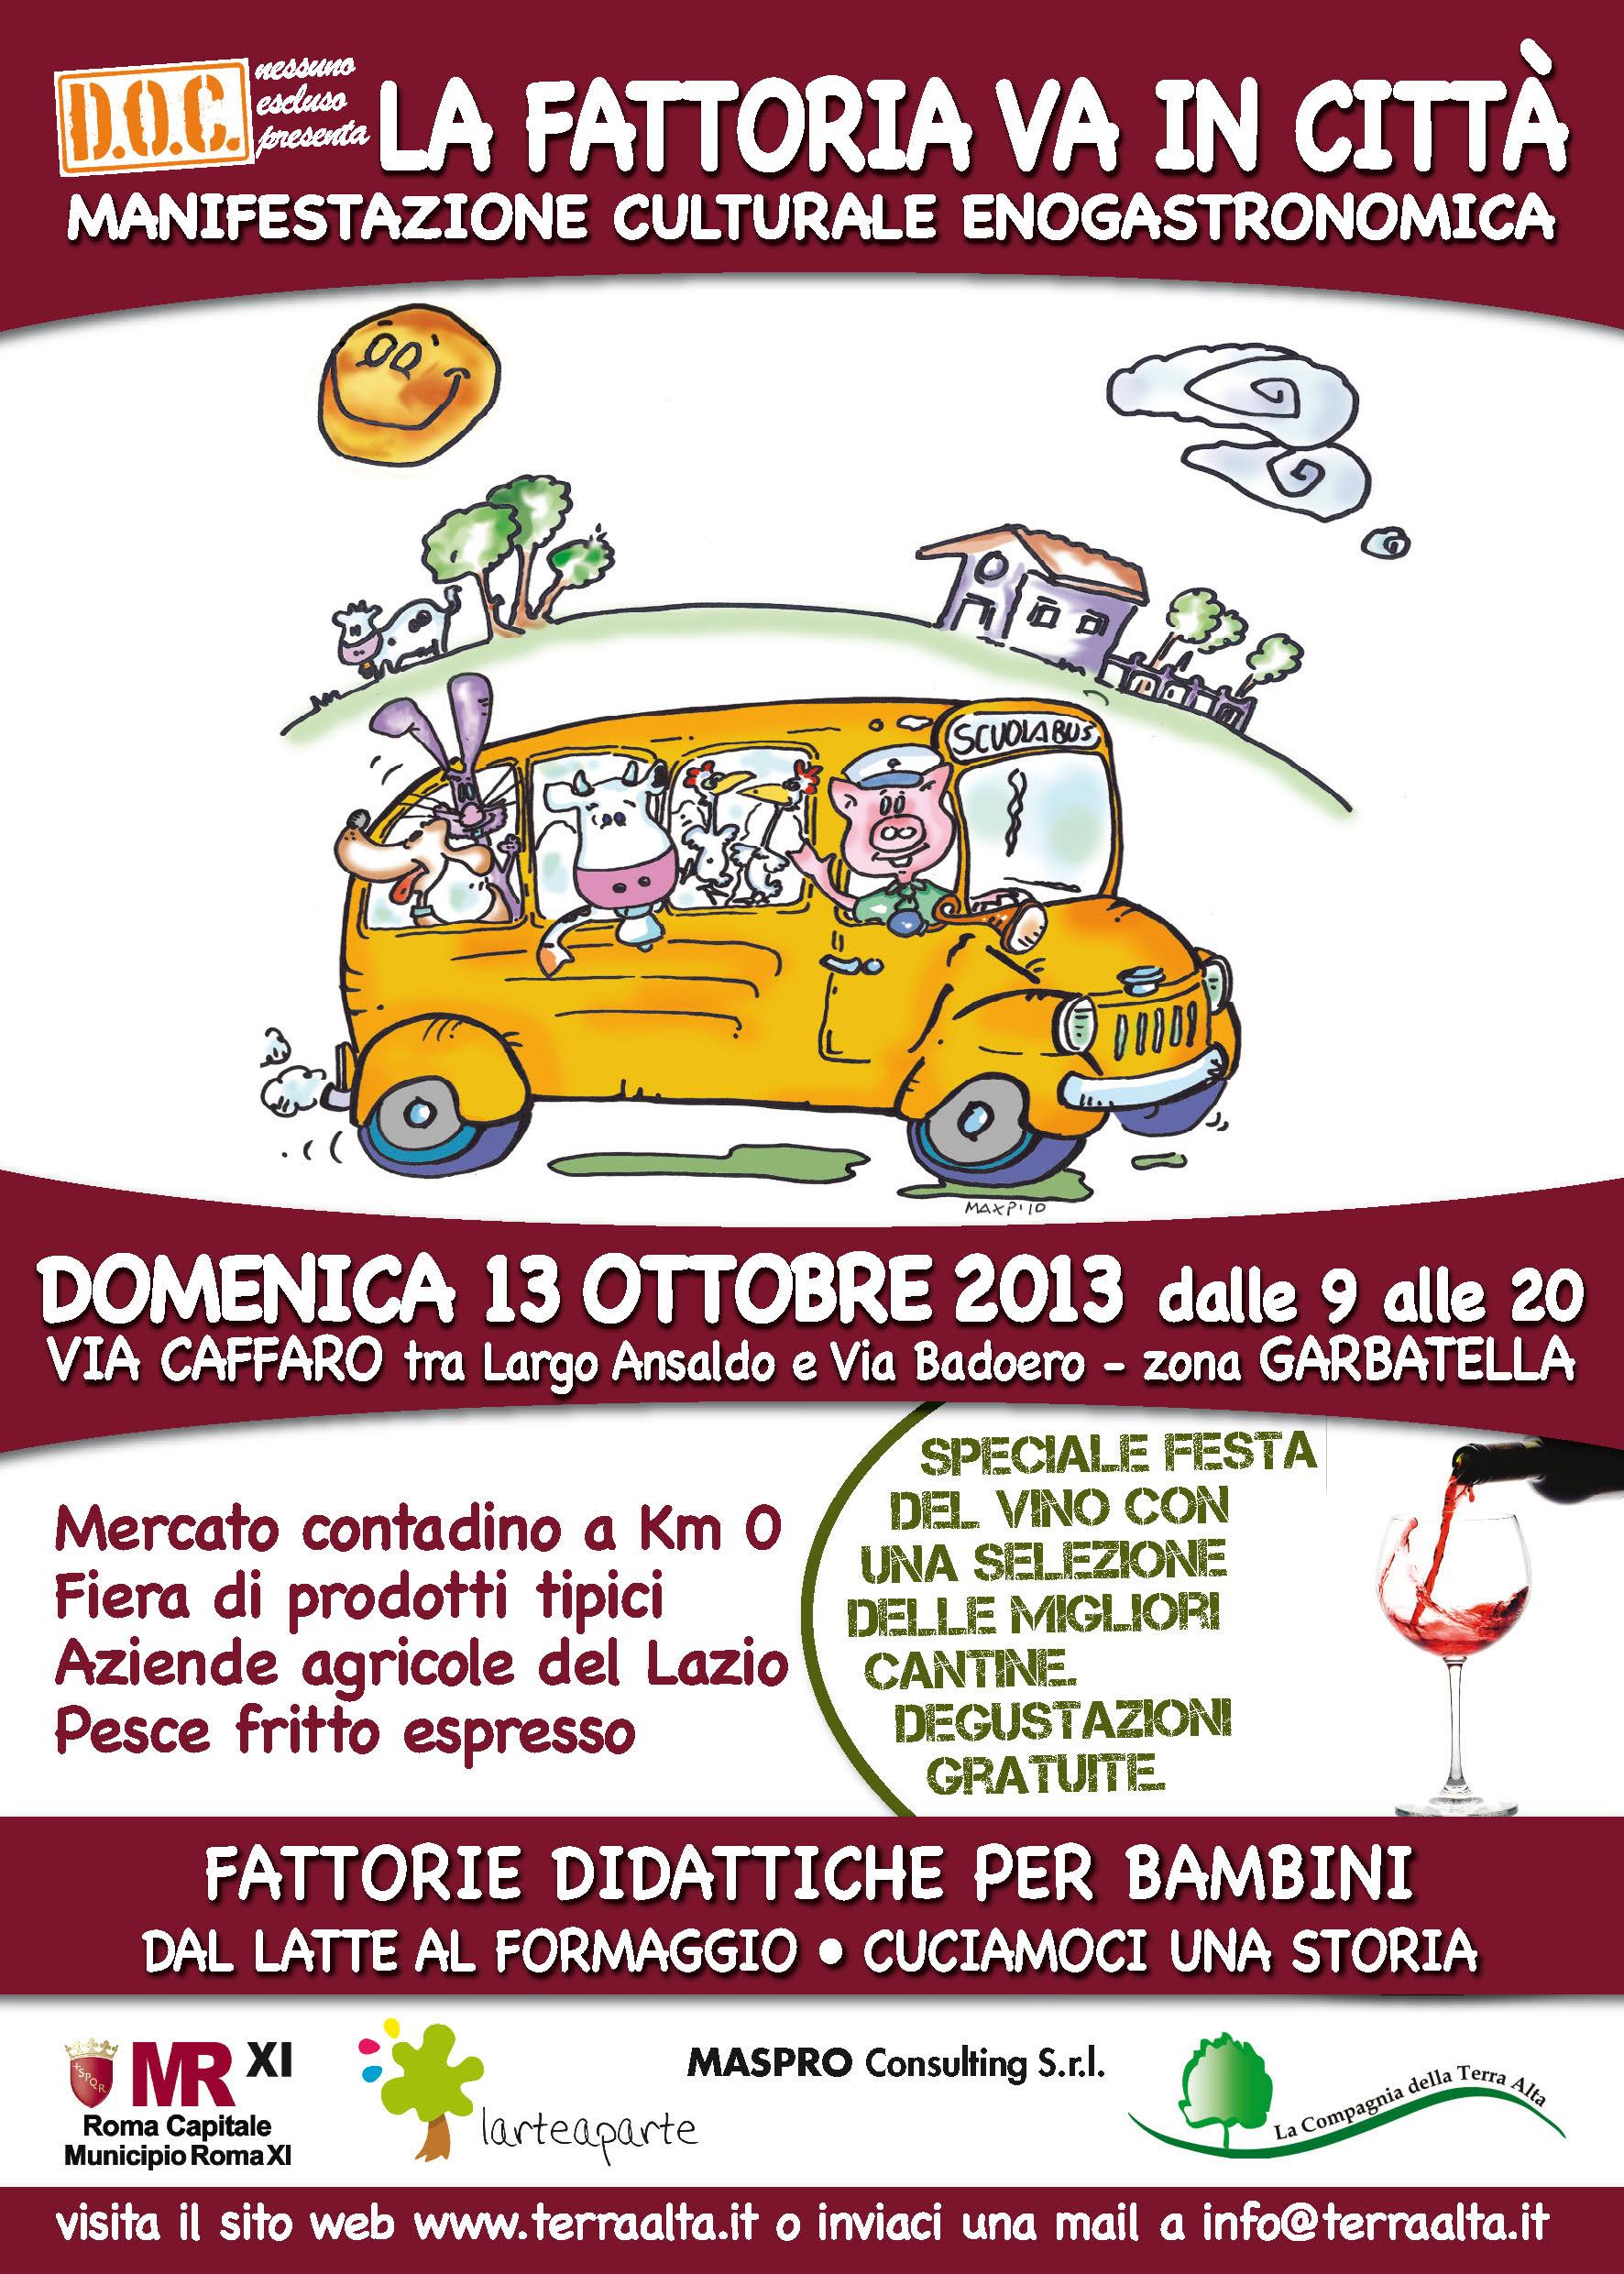 La Fattoria va in Città - Speciale Festa del vino 2013